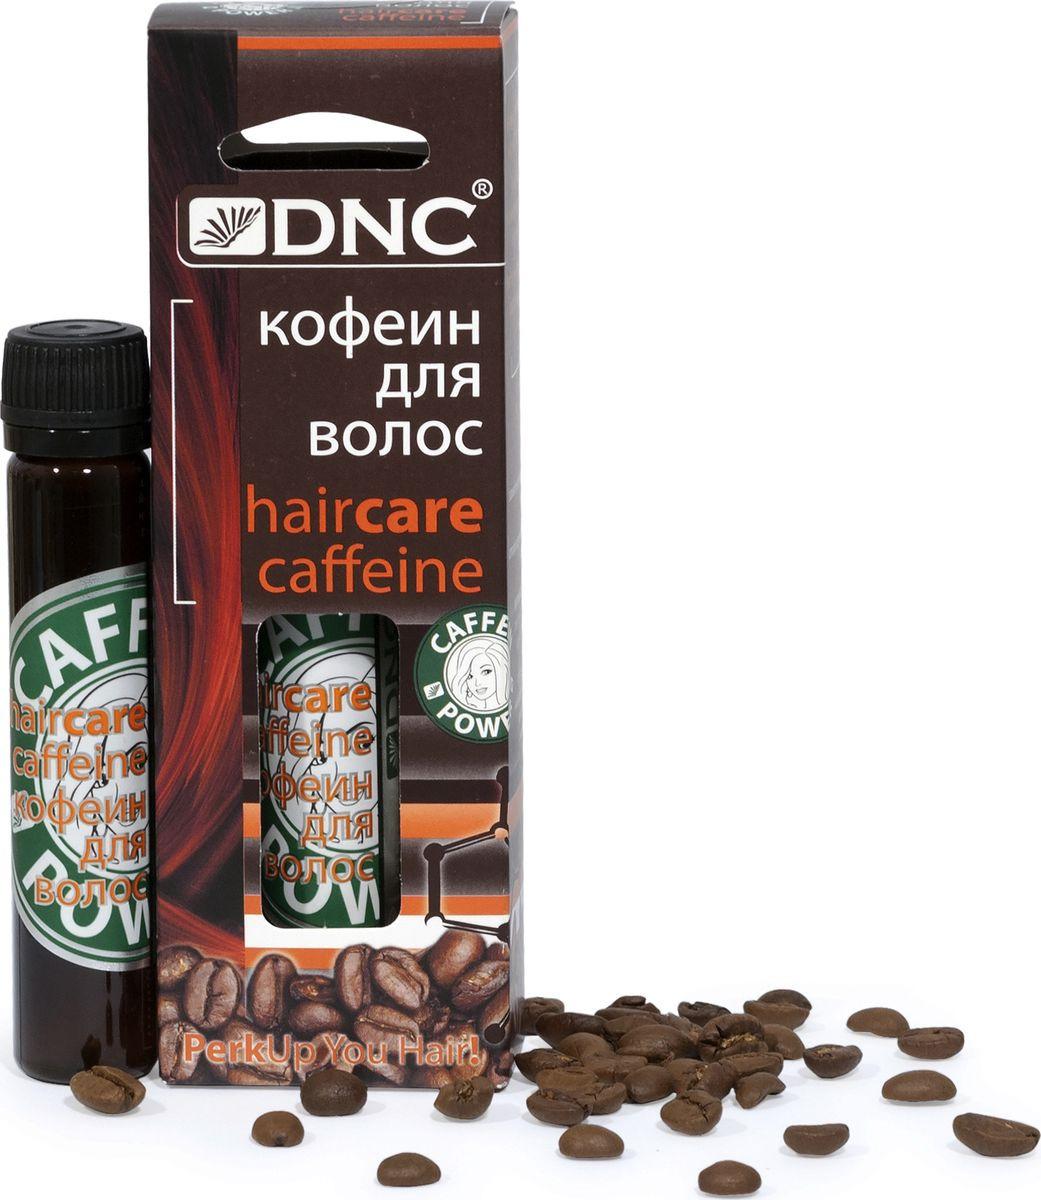 DNC Кофеин для волос, 26 мл